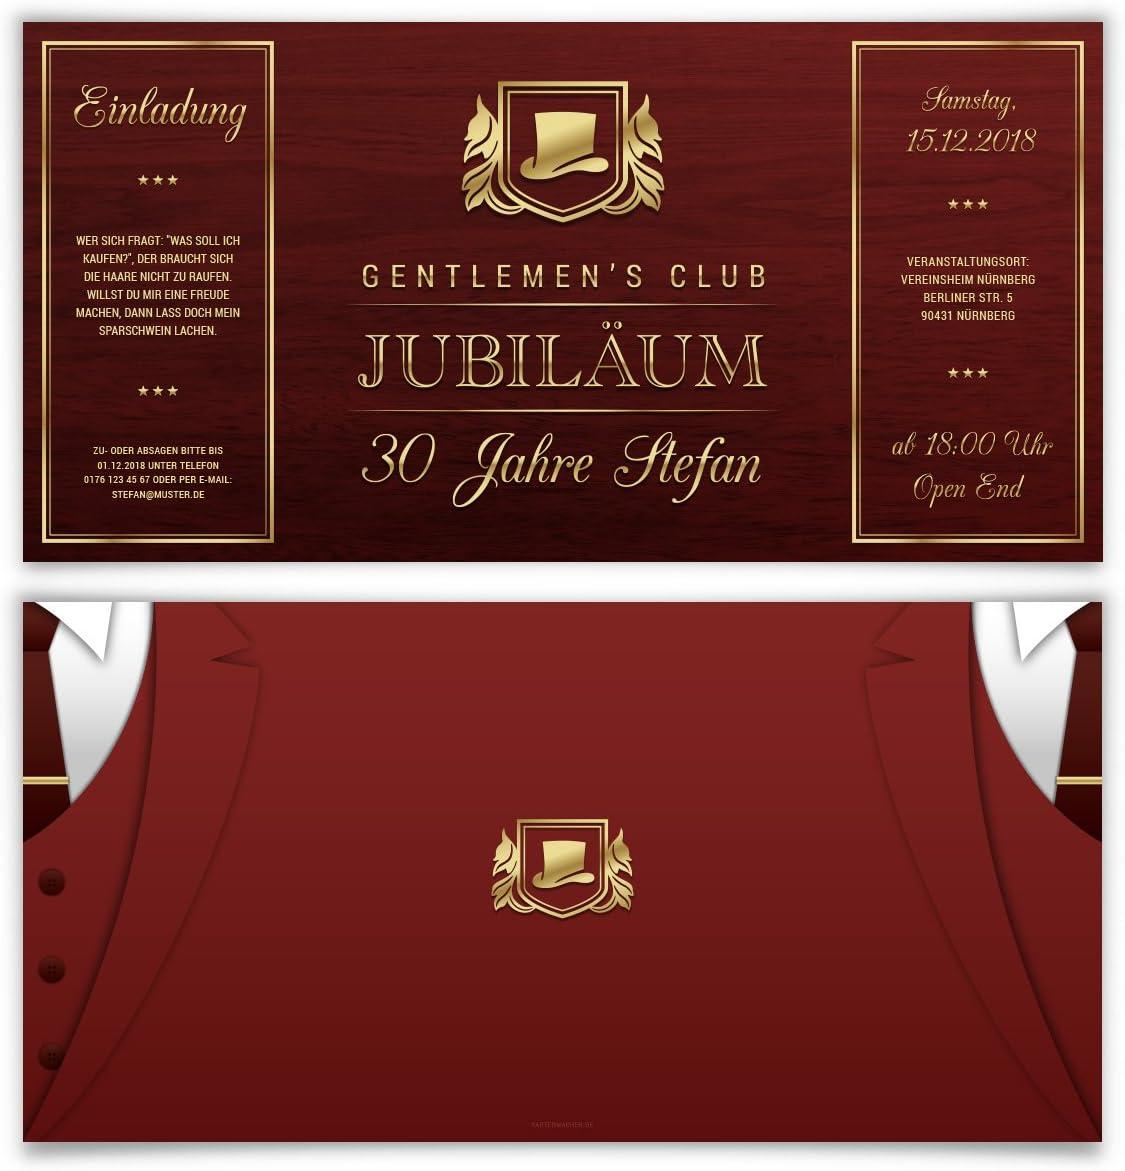 20 x Geburtstag Einladungskarten Einladung Karten Altarfalz 148mm Gentlemens Club